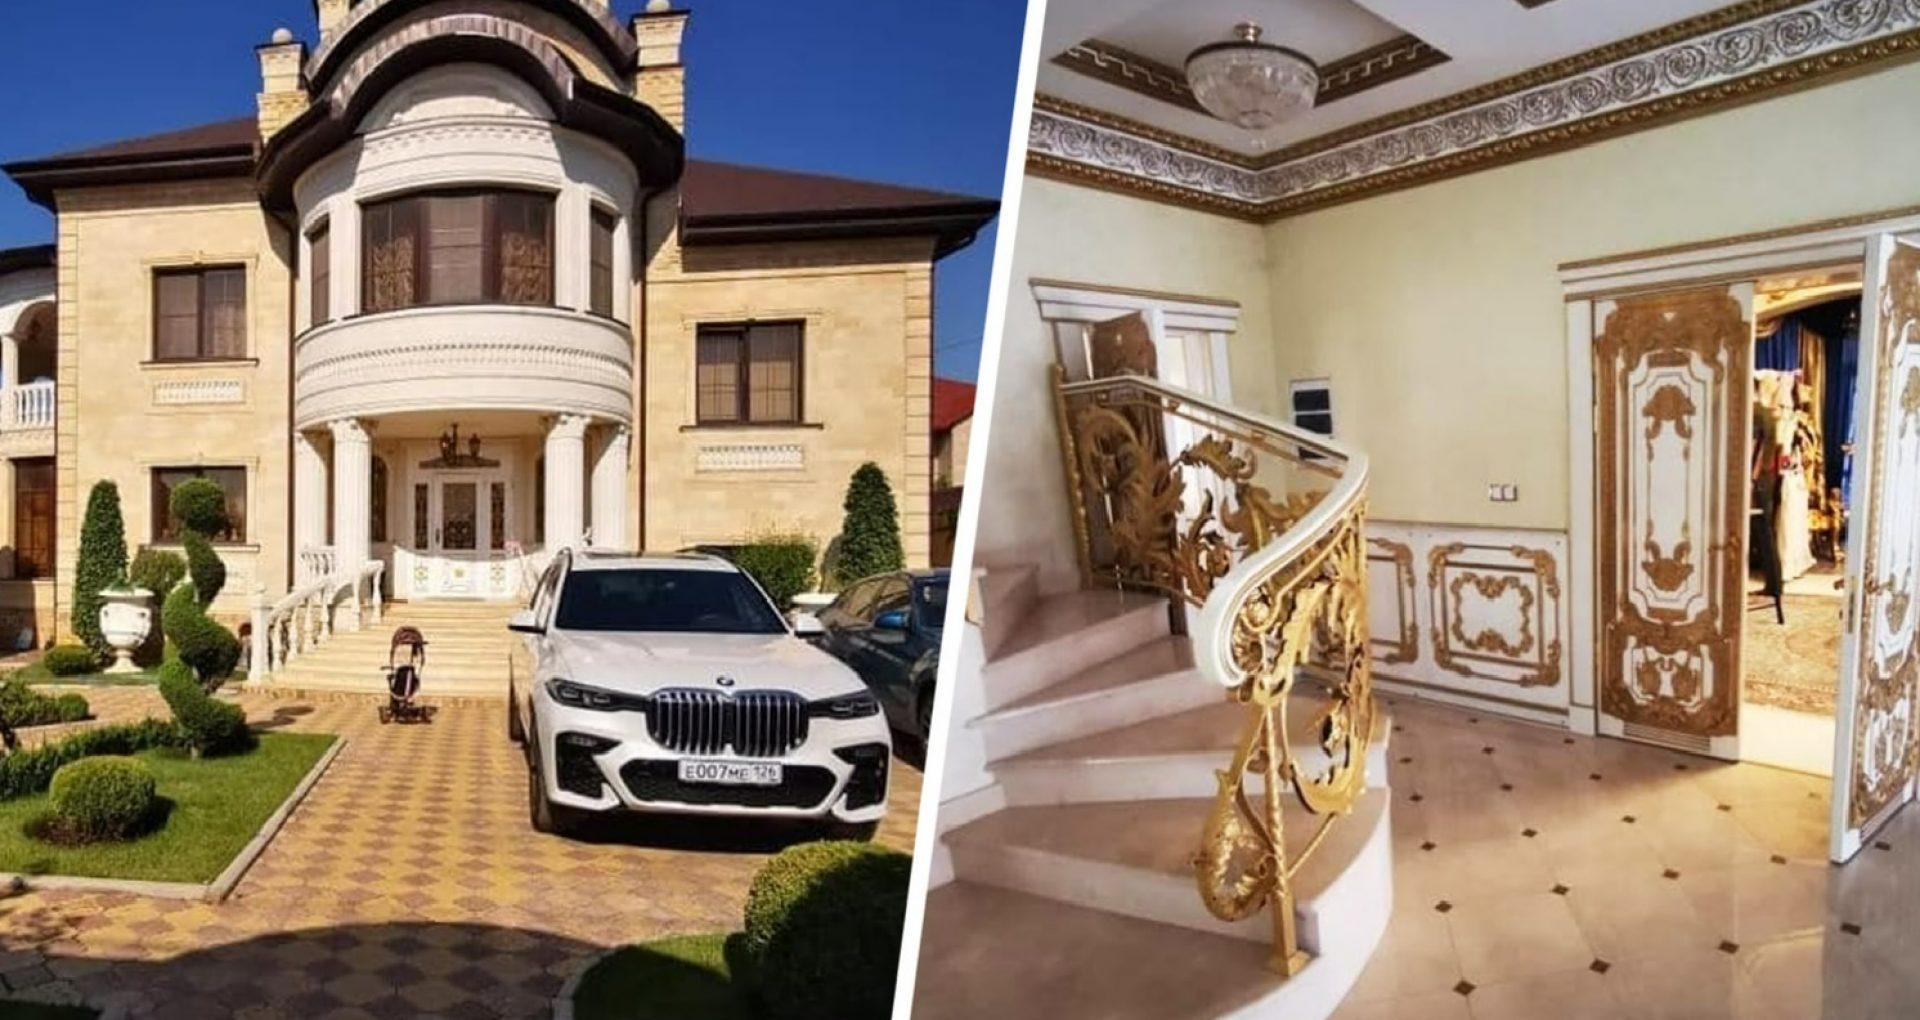 """VIDEO/ Un deputat al Dumei de Stat a publicat imagini cu """"palatul"""" luxos și toaleta aurie a șefului reținut al poliției rutiere din Stavropol"""